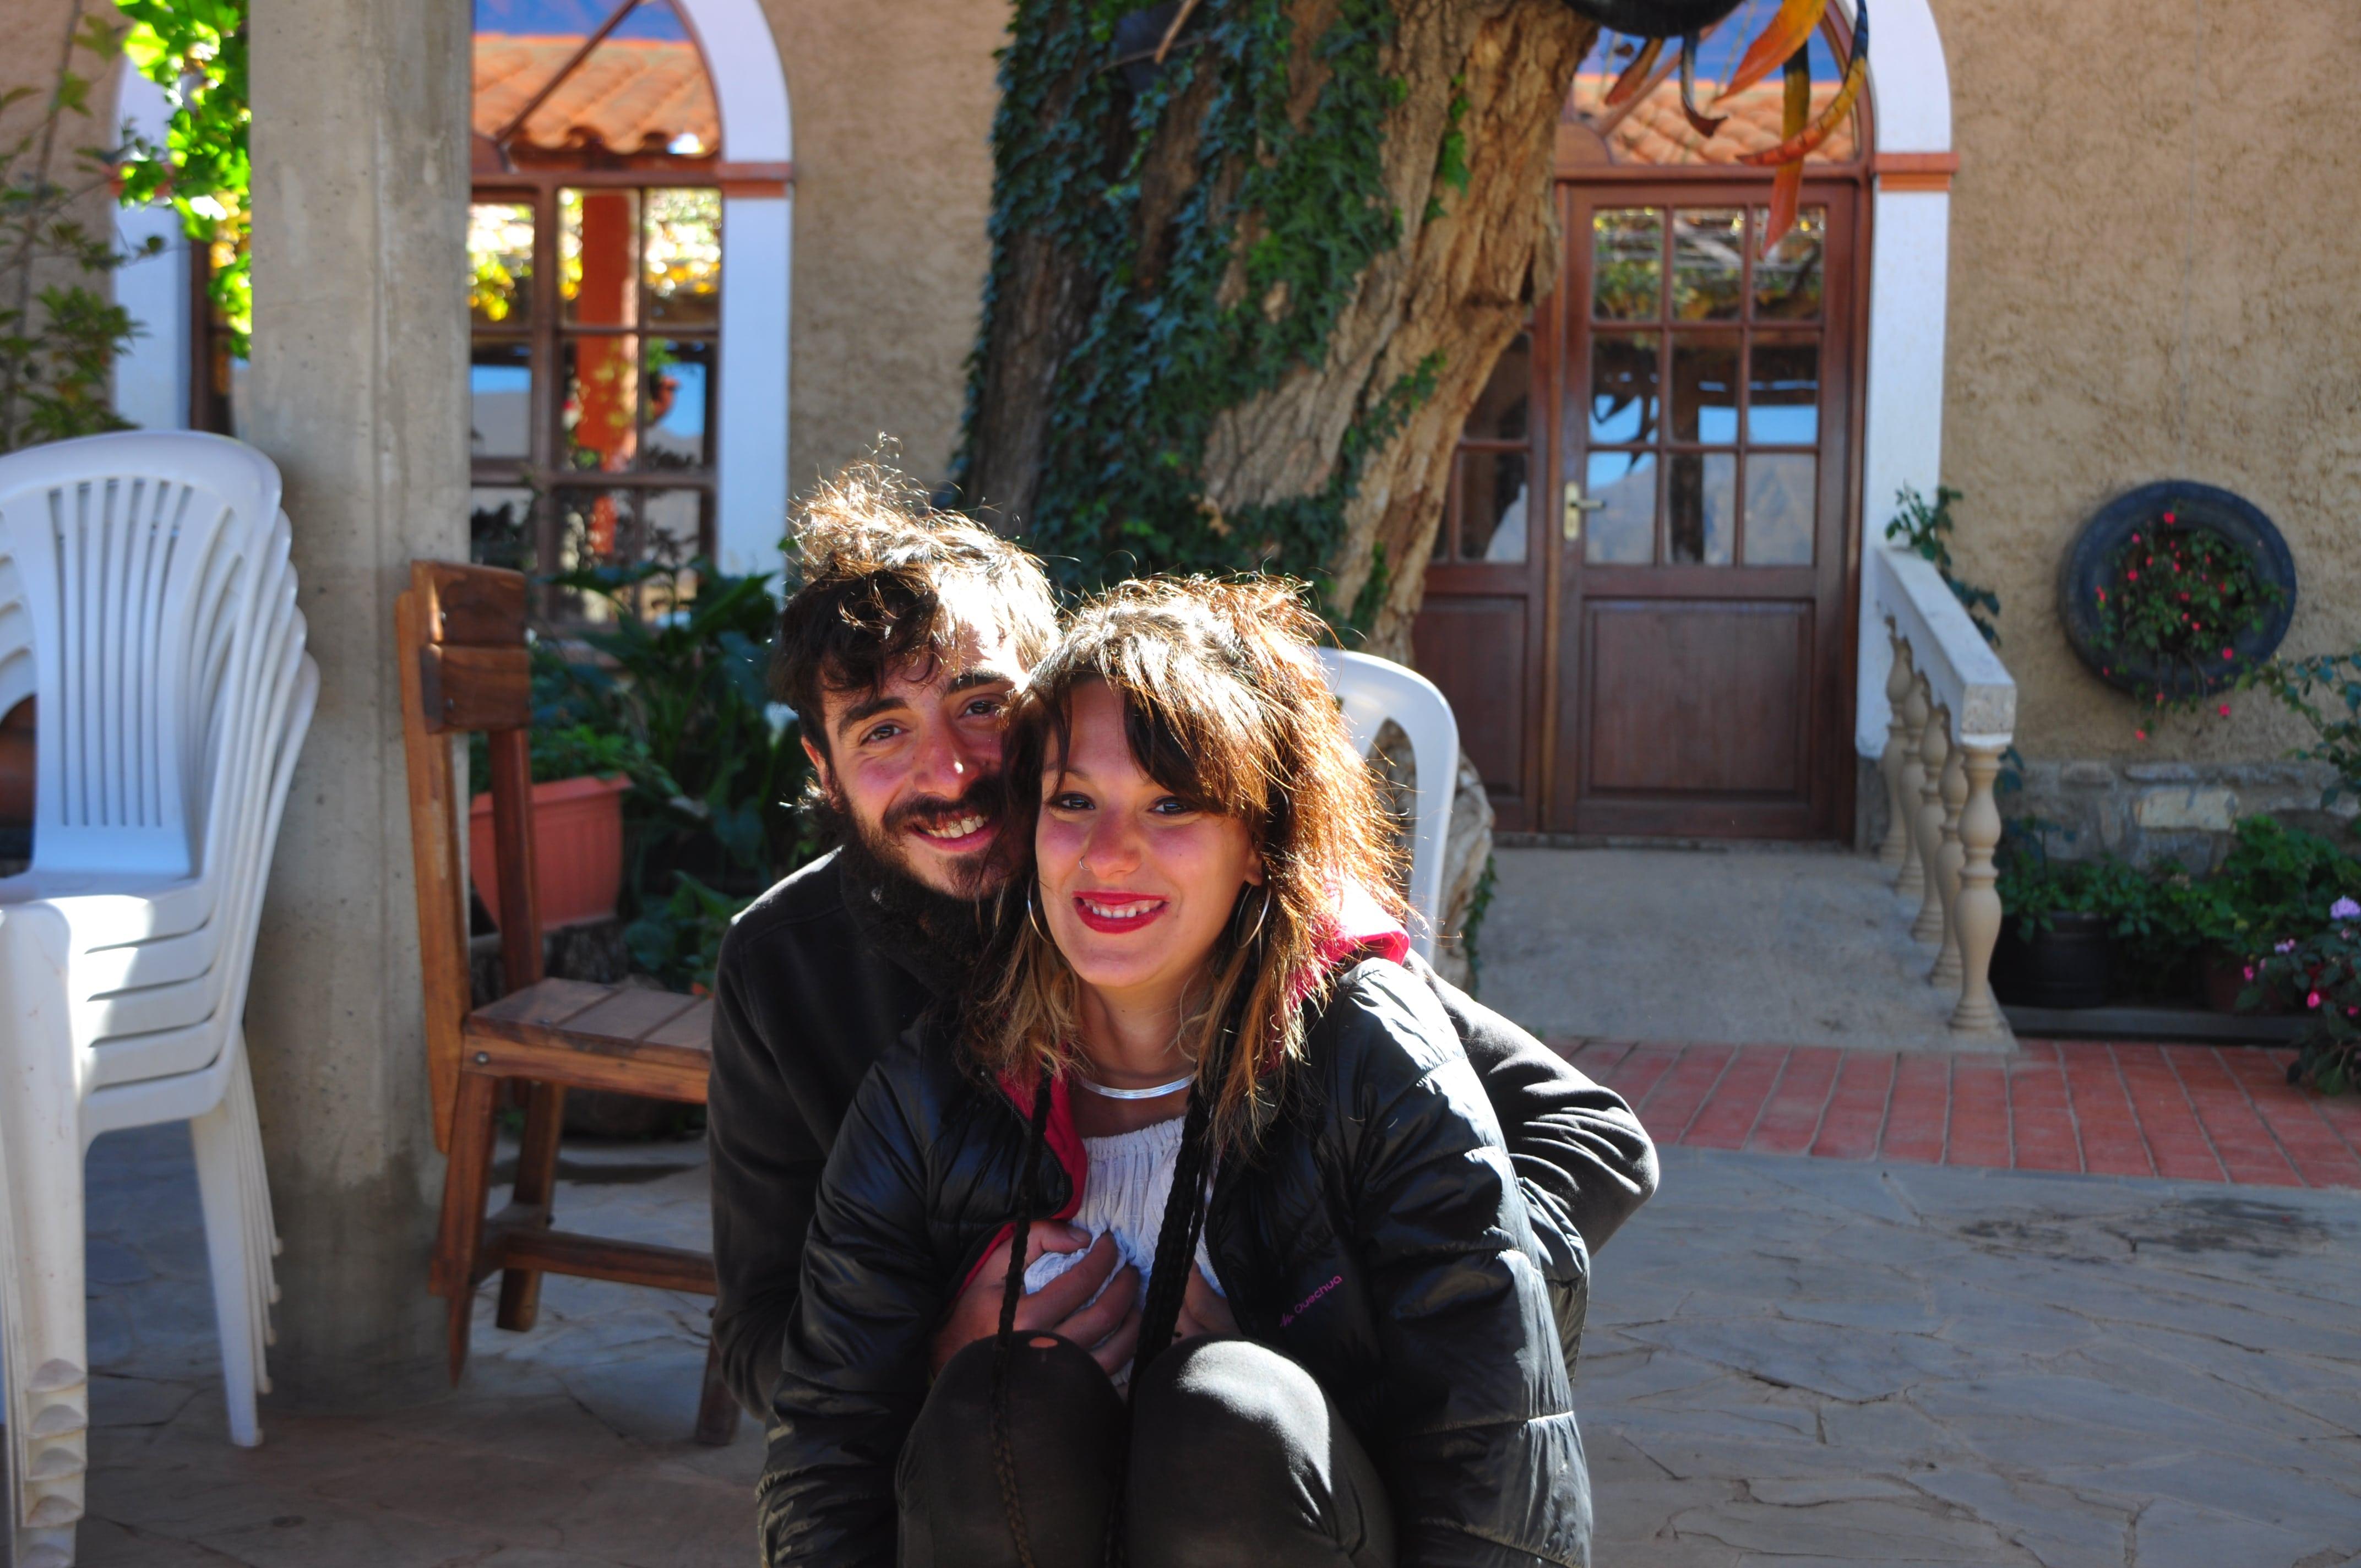 Tarija e la valle de Conception: la zona viticola della Bolivia!